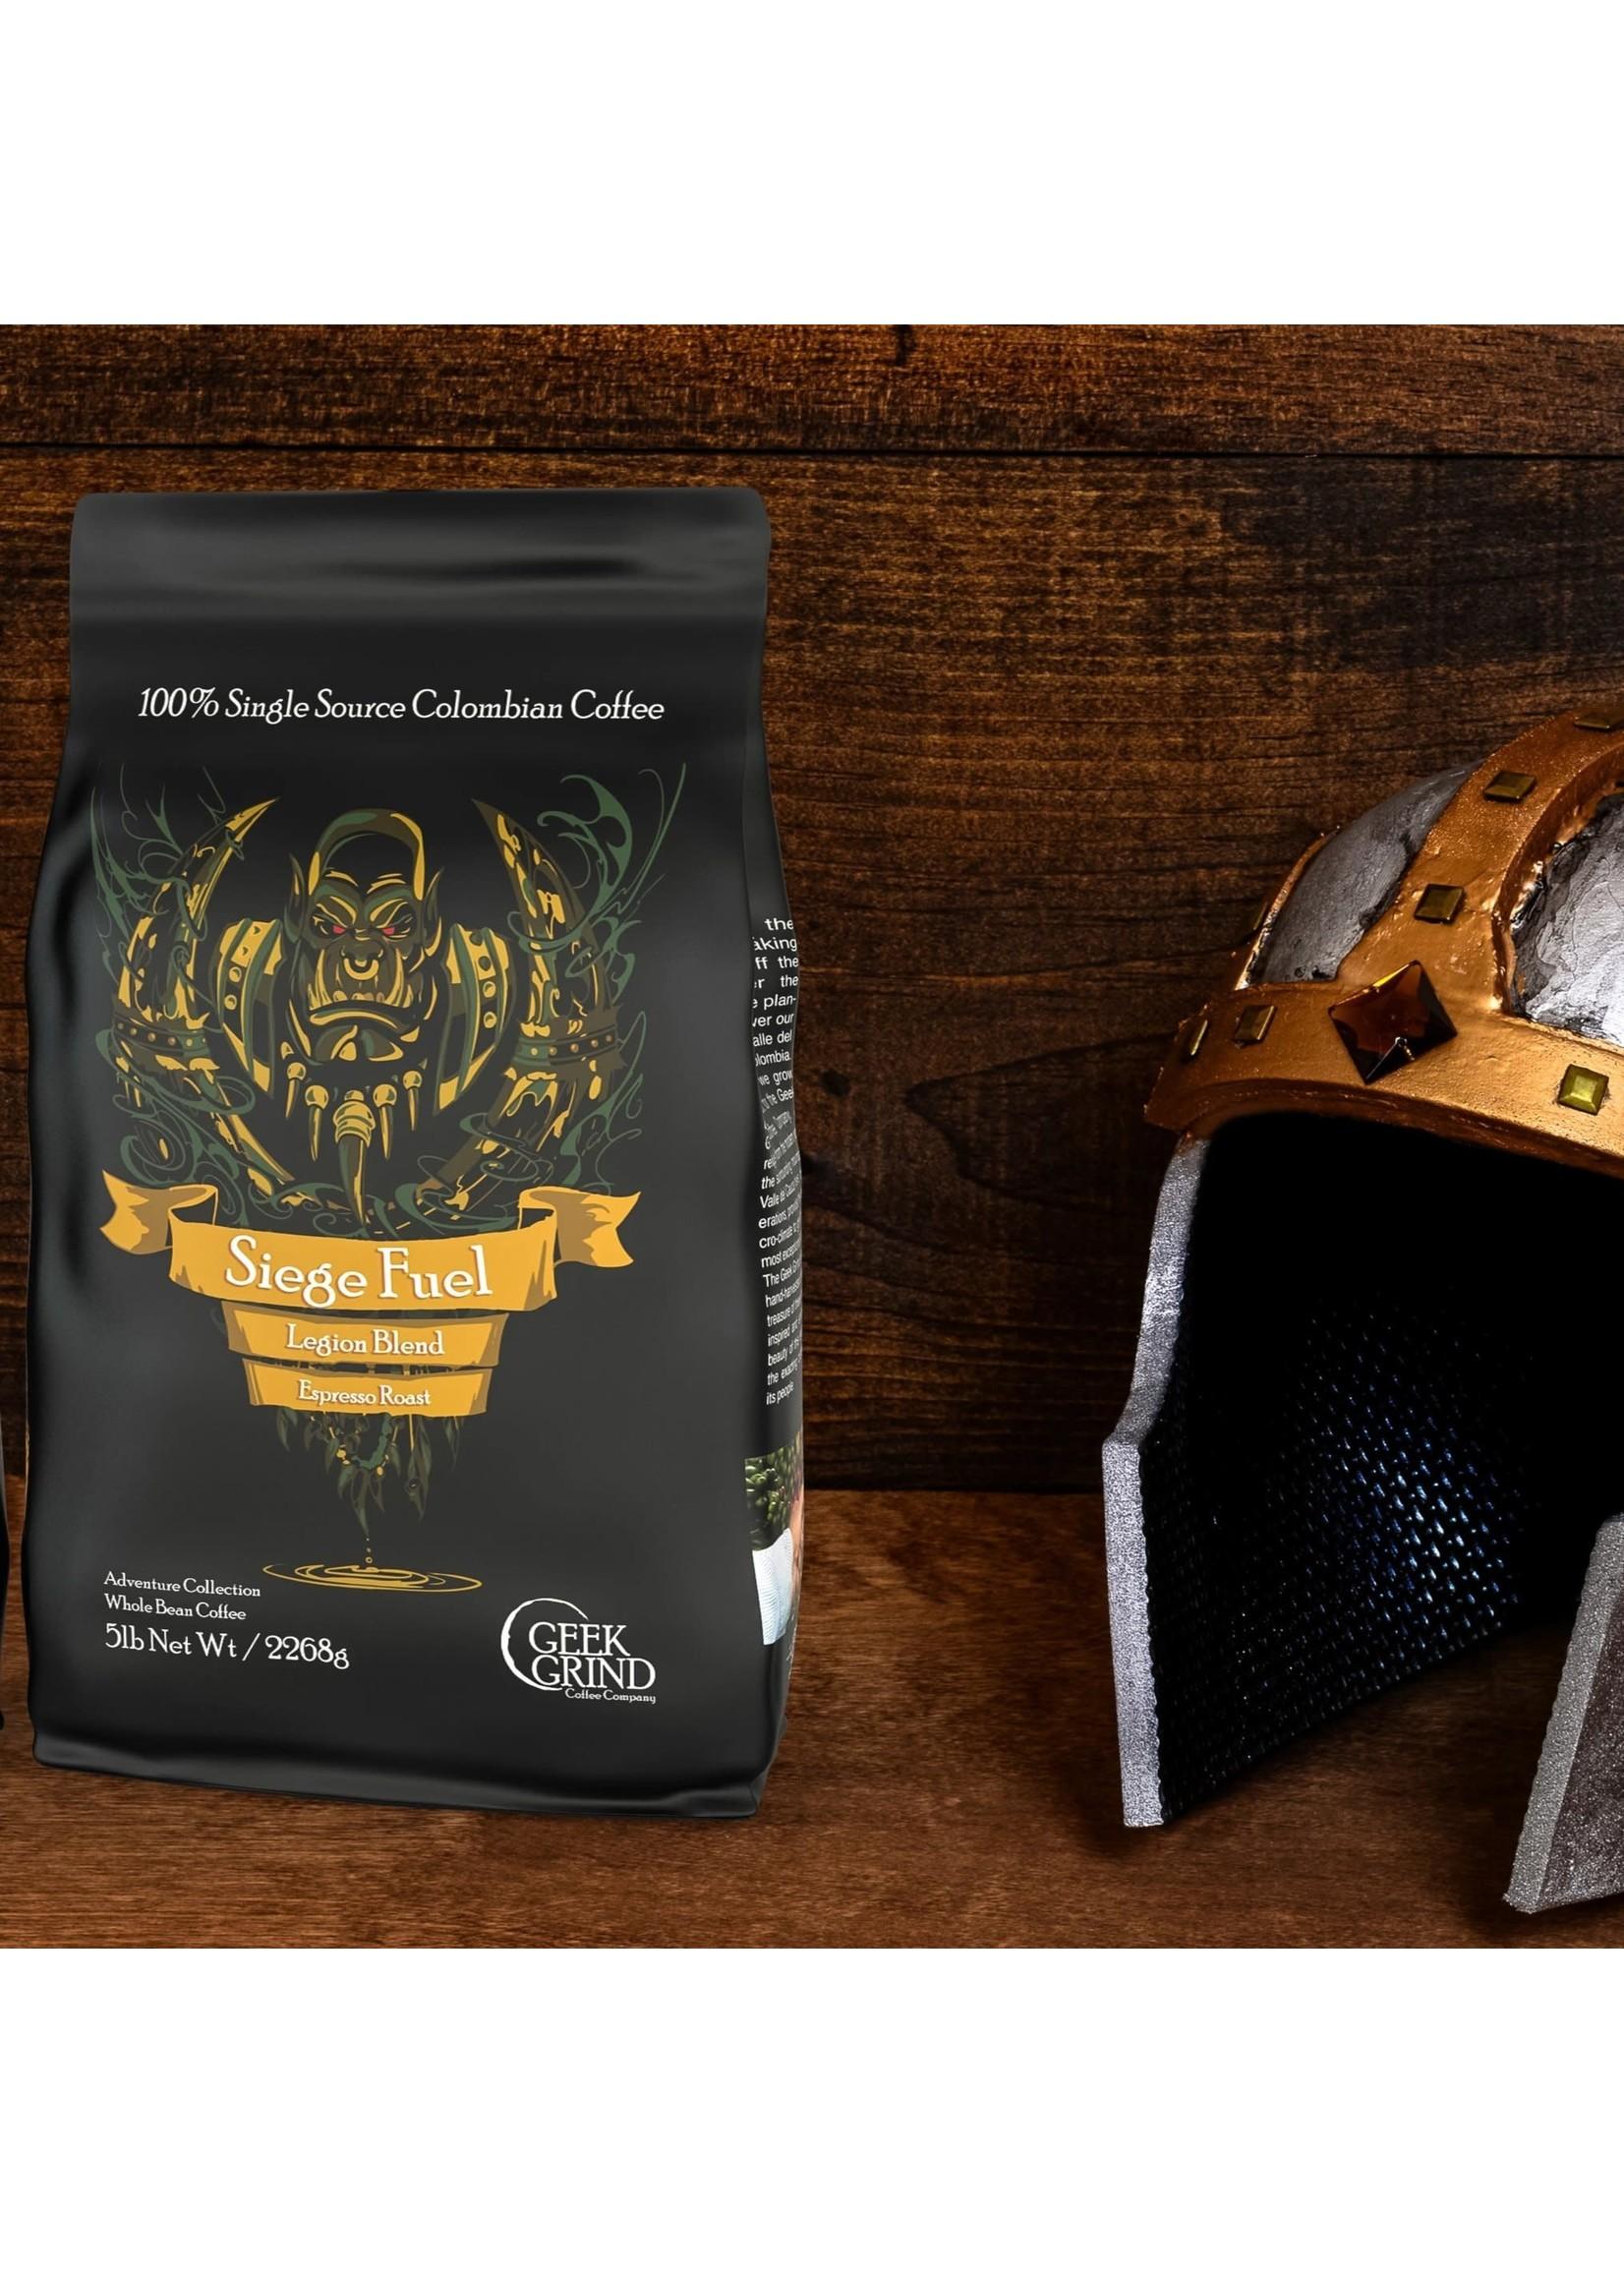 Geek Grind Siege Fuel - Legion Blend - Espresso Roast Coffee - 12 oz. Individual Bag